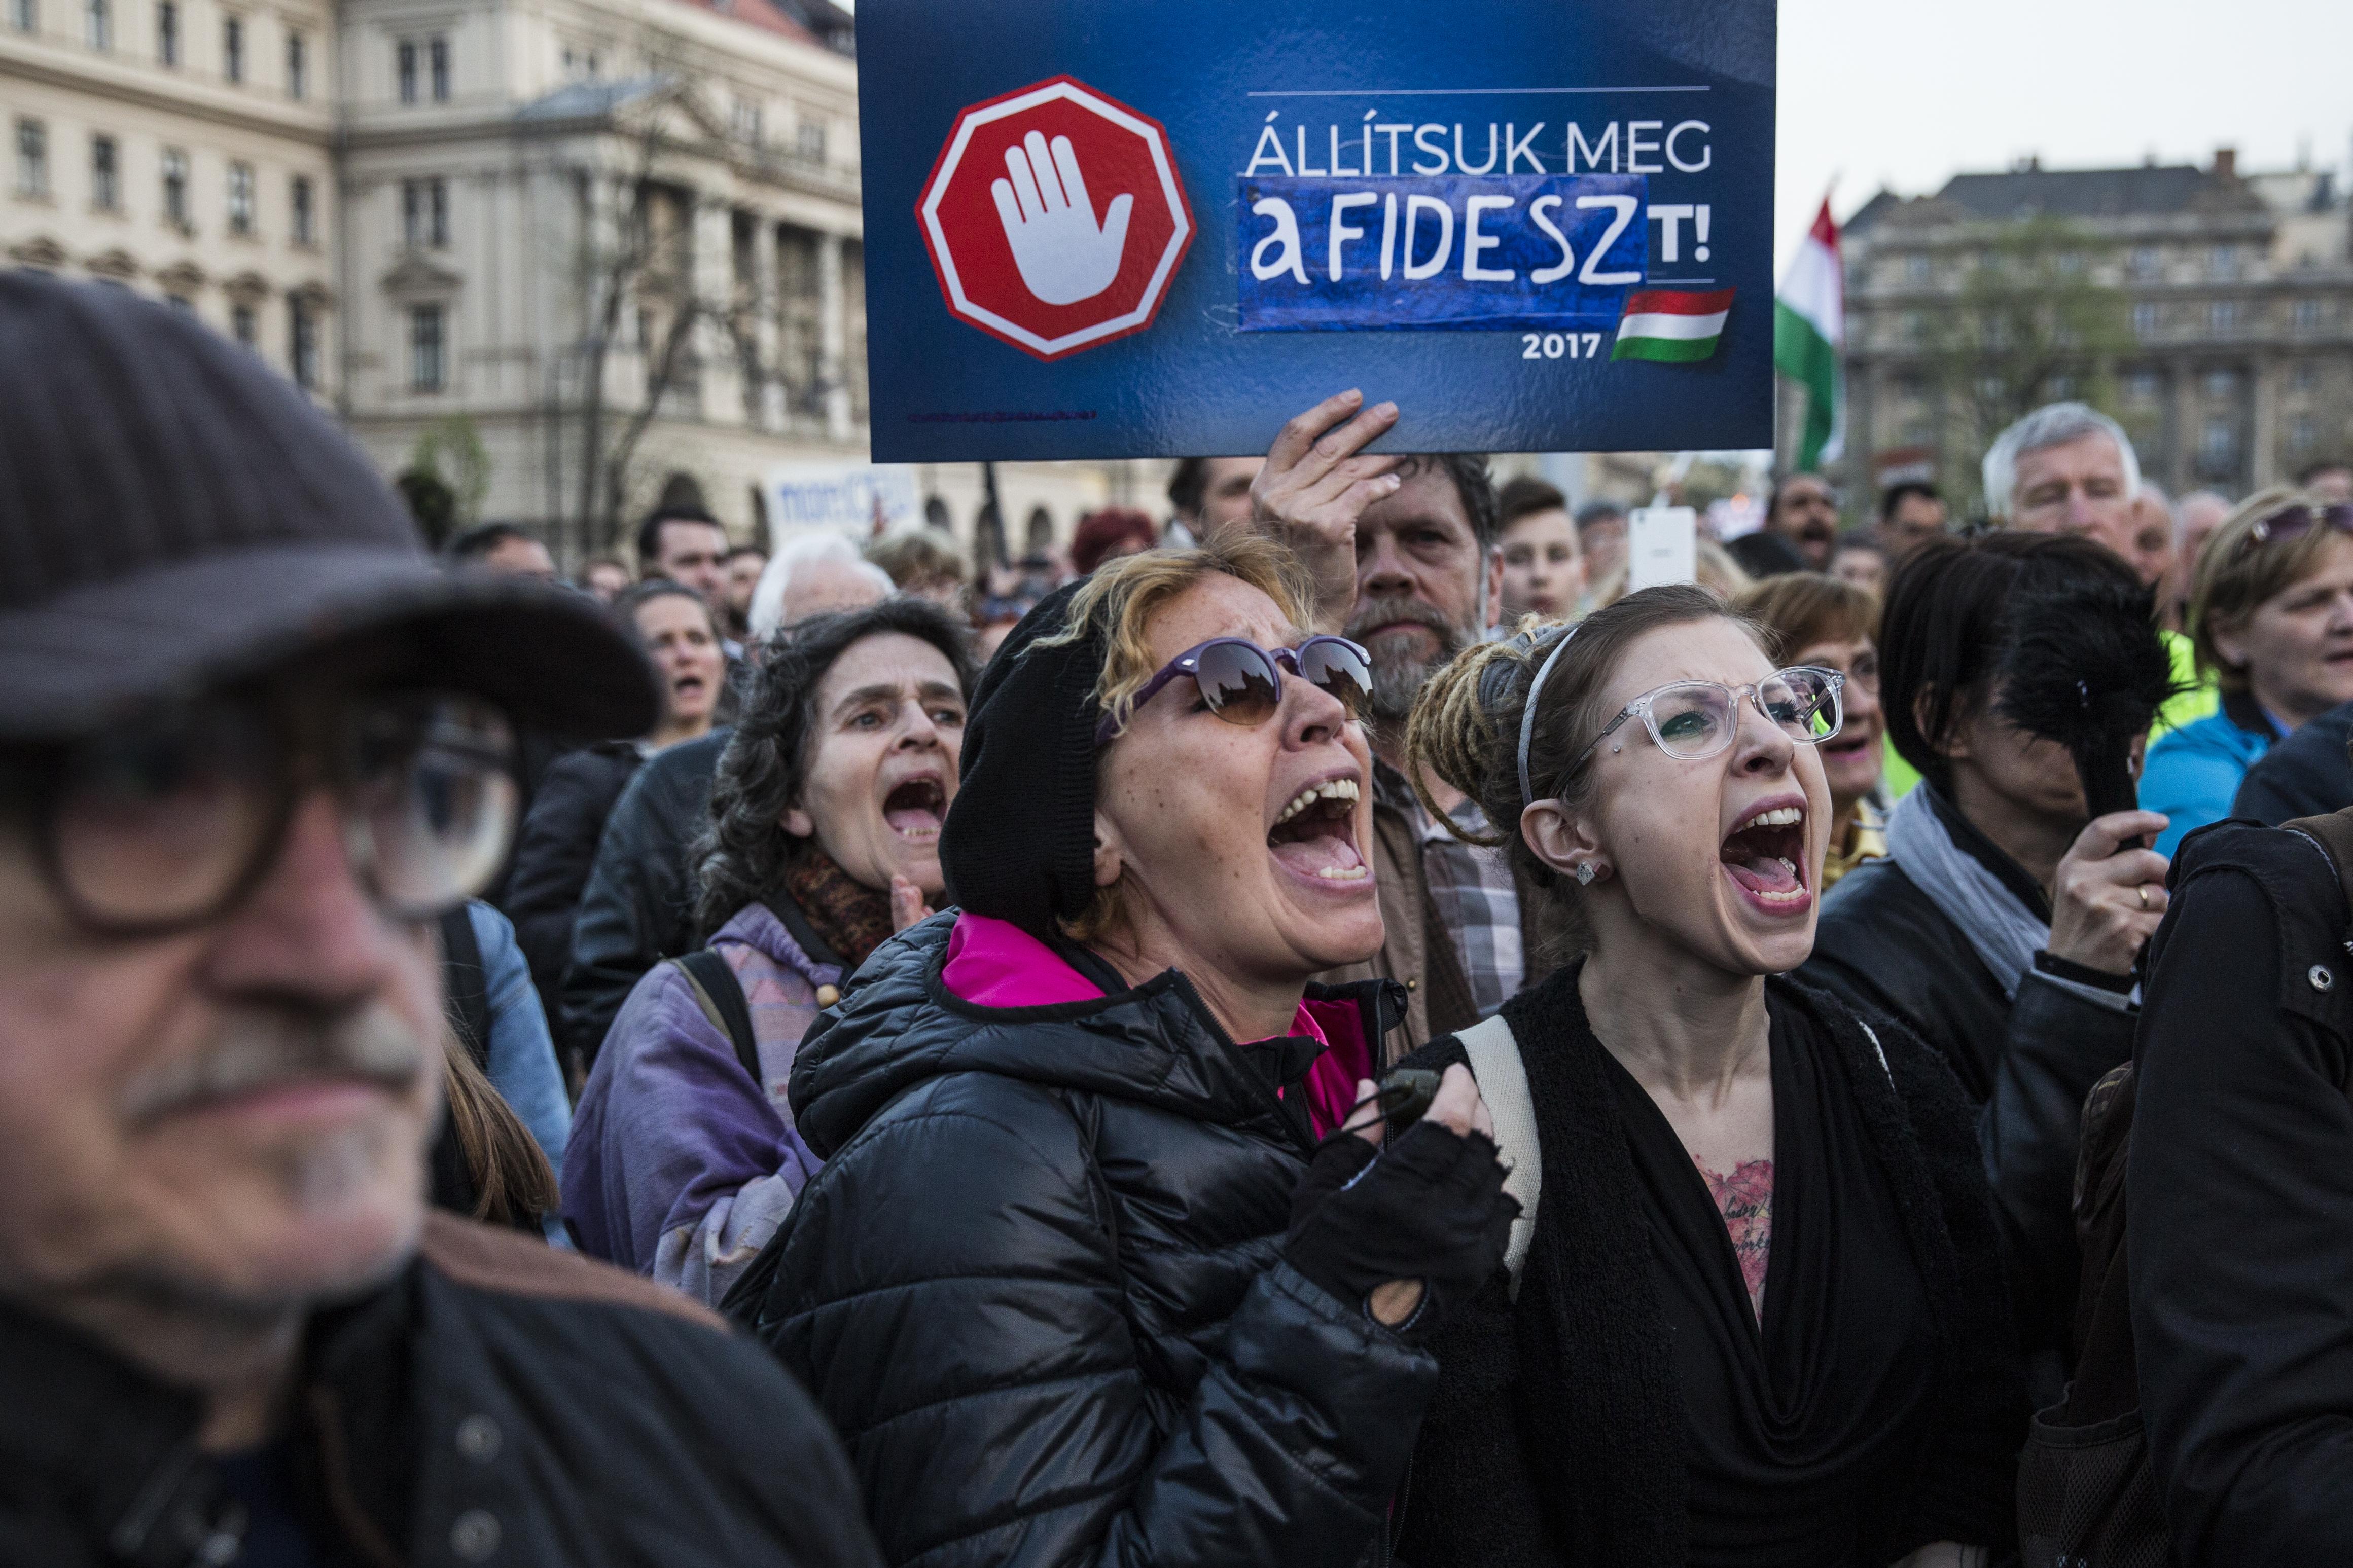 Folytatják a tiltakozást, szerdára újabb tüntetésre hívnak a CEU-ért